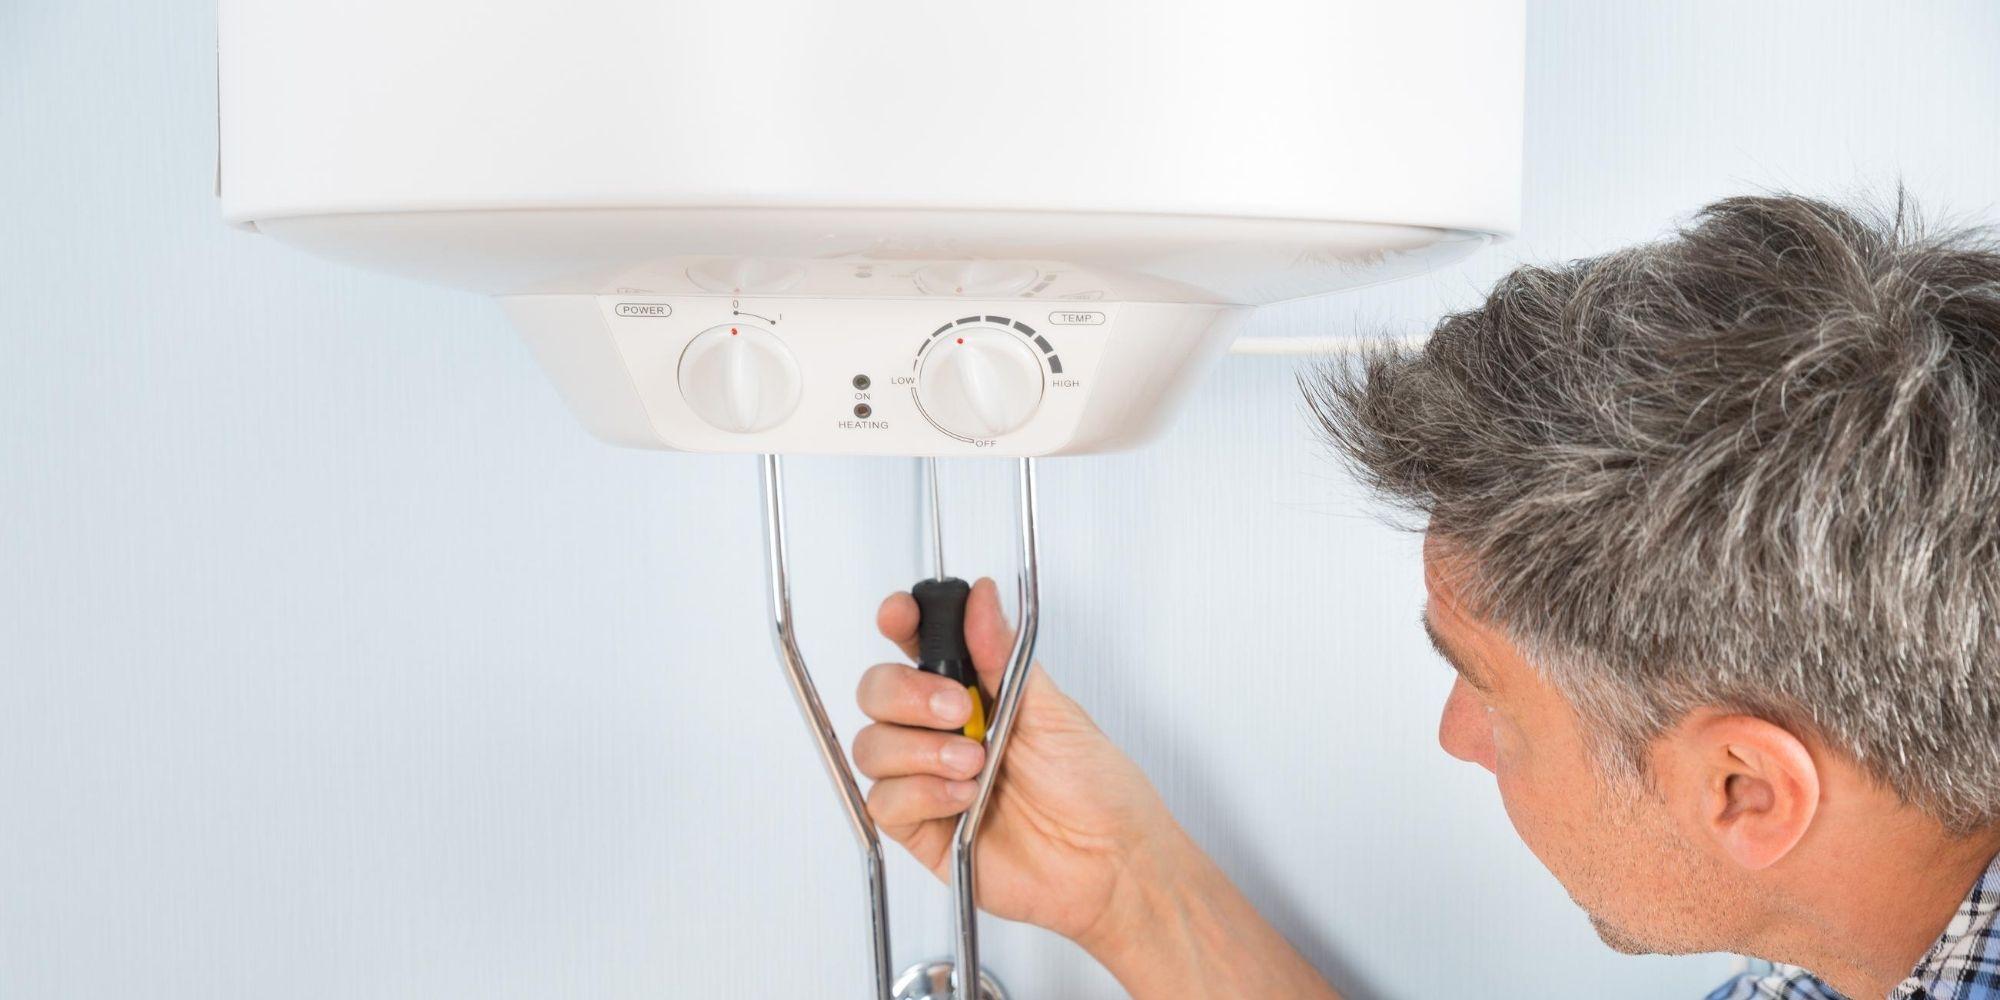 Qui appeler pour réparer un chauffe-eau ?